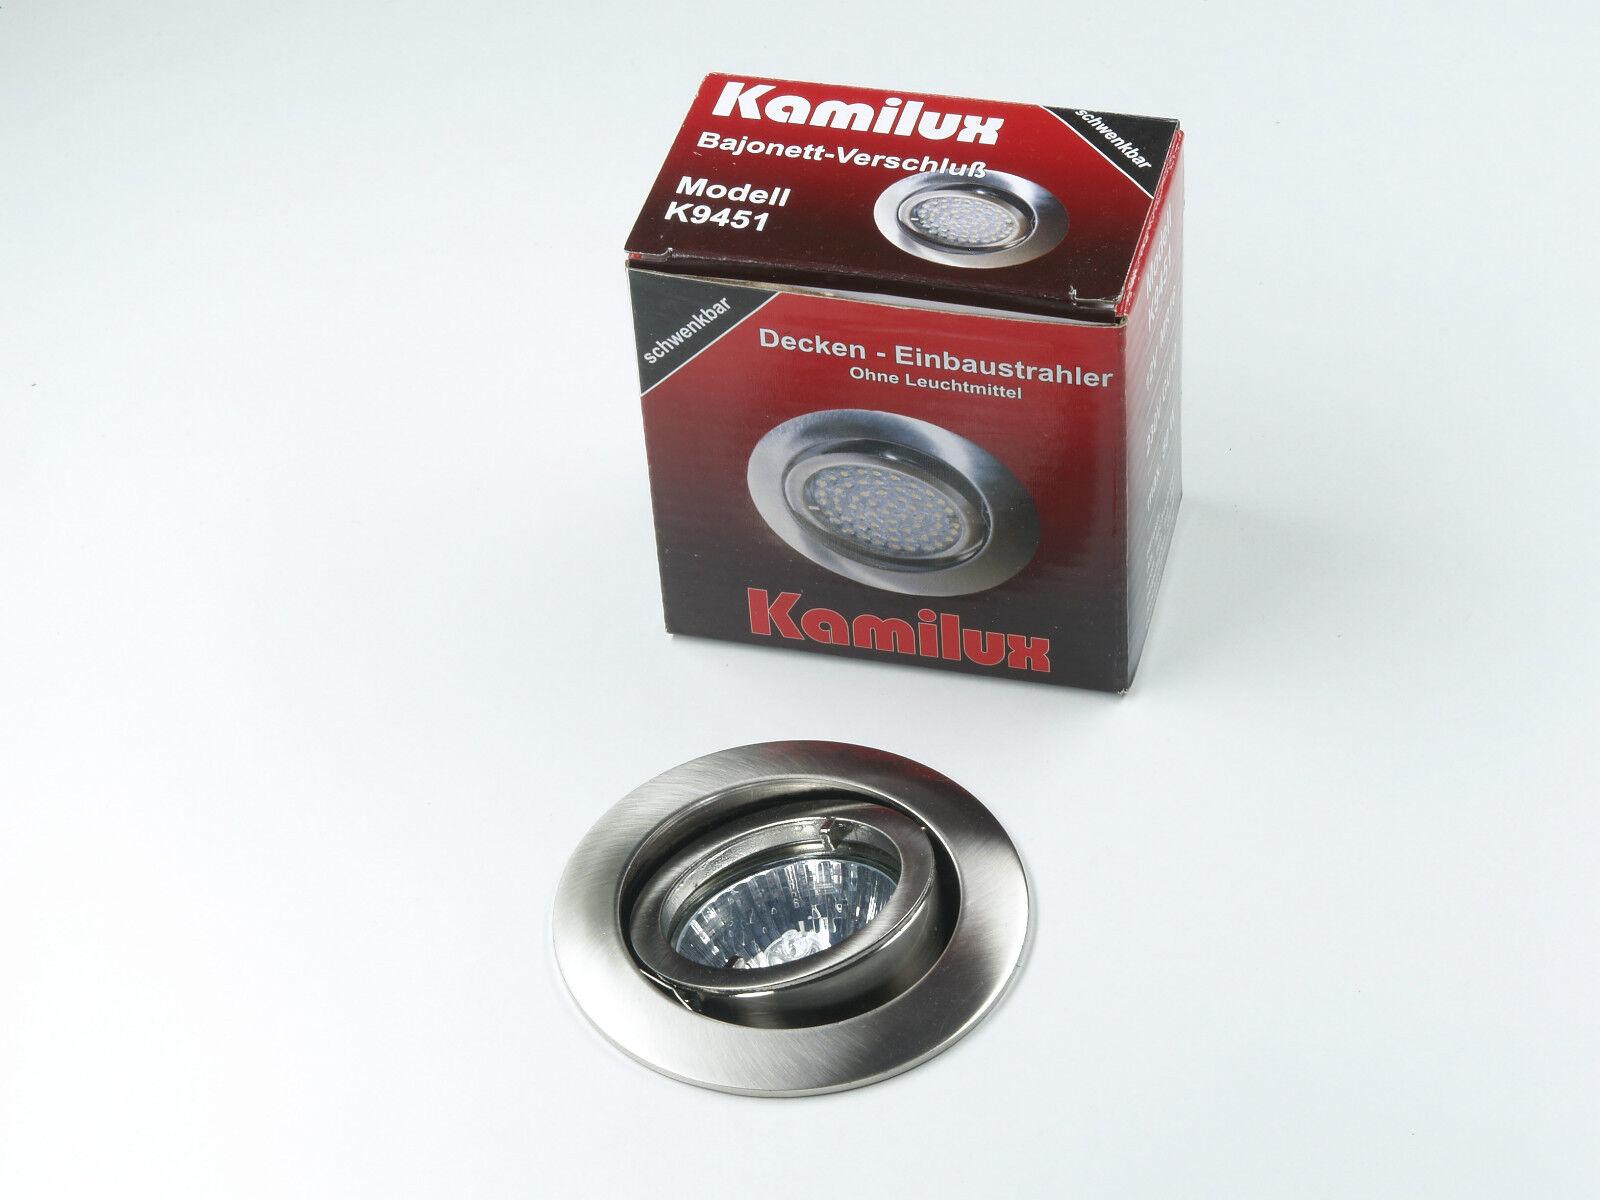 KAMILUX 230V Einbauspot Downlights Bajo & GU10 HALOGEN HALOGEN HALOGEN Leuchtmittel DIMMBAR | Reichlich Und Pünktliche Lieferung  | Fein Verarbeitet  | Innovation  7f1553